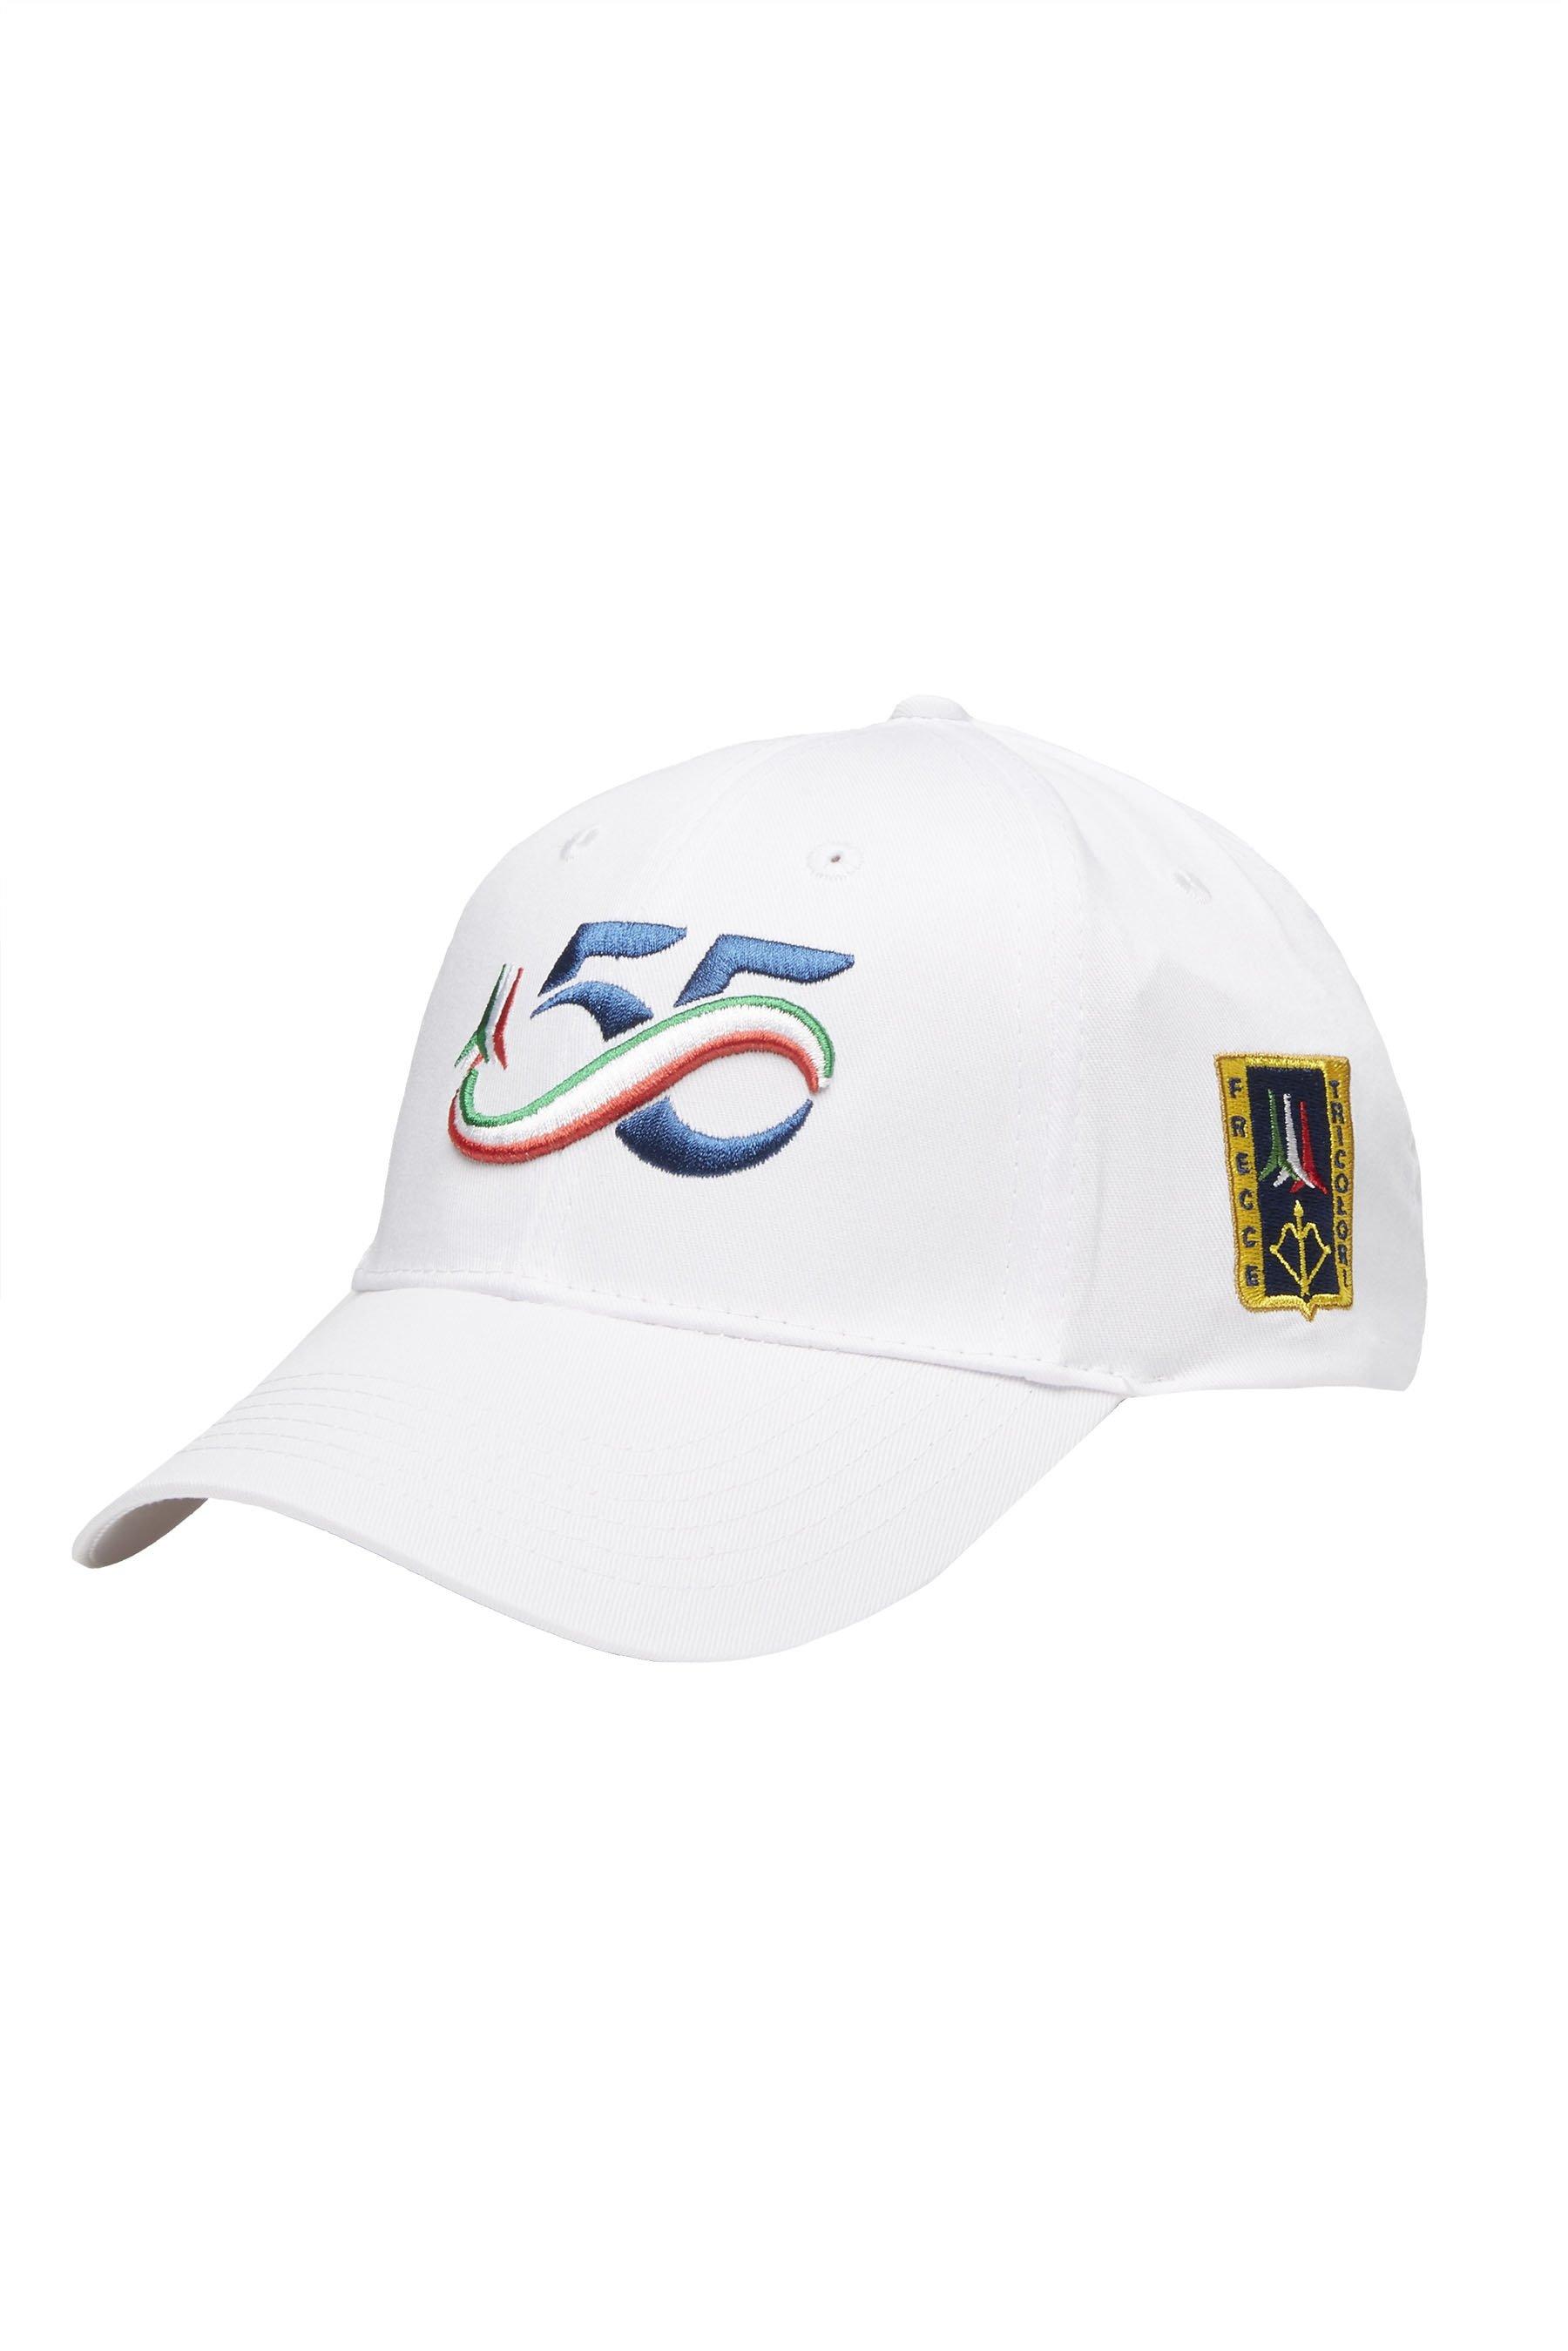 Casquette 55 Frecce Tricolori            1